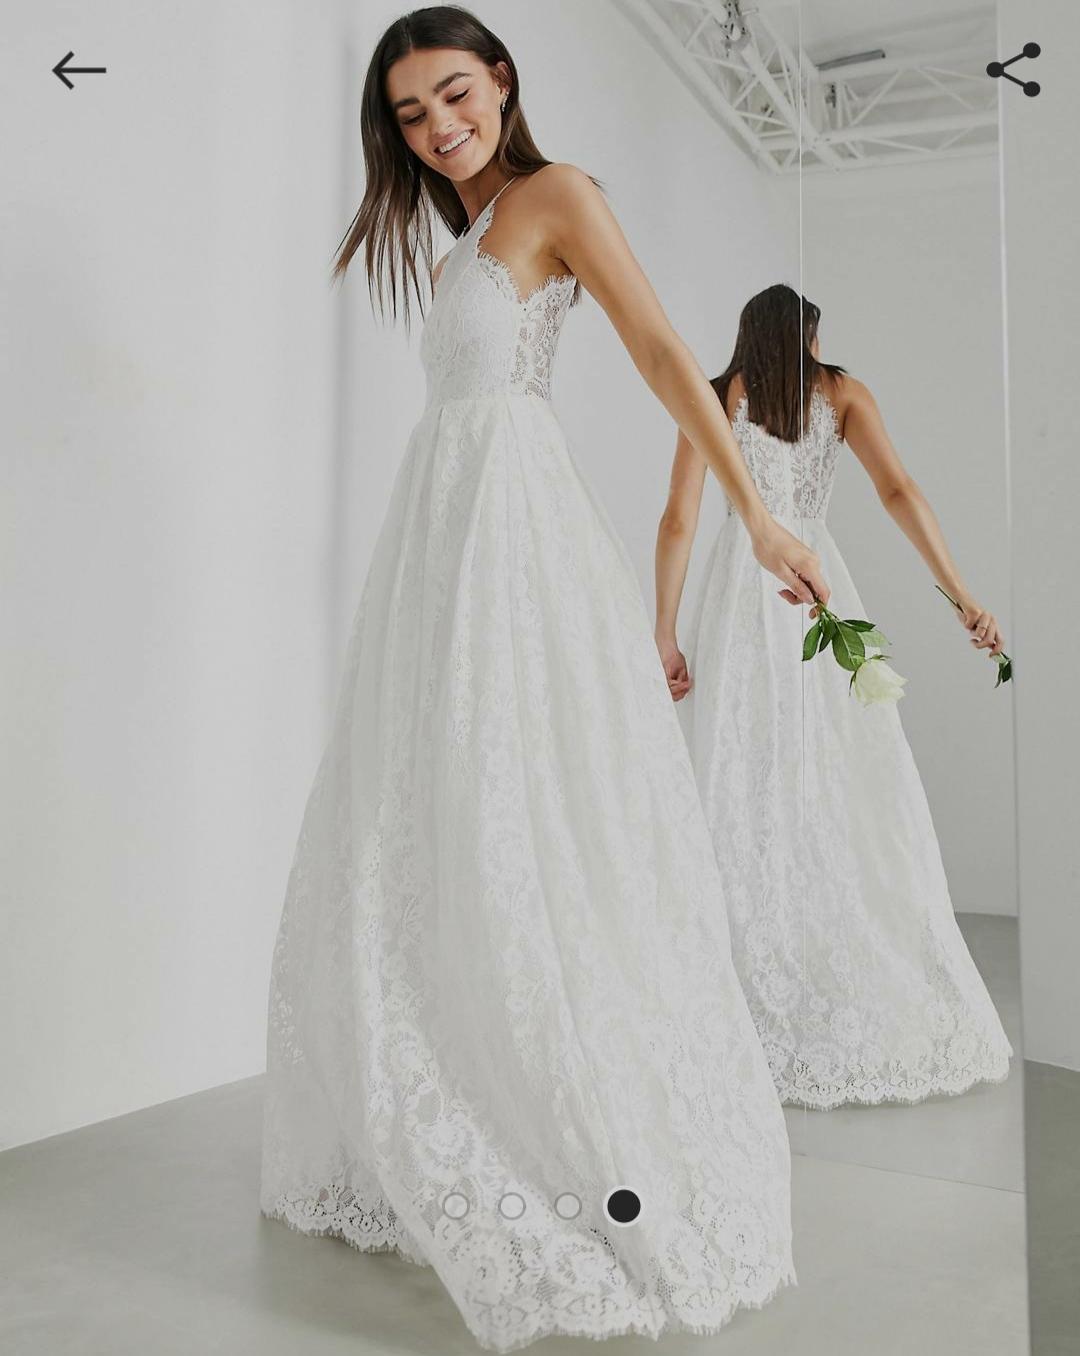 Predám nové svadobné šaty - Obrázok č. 4